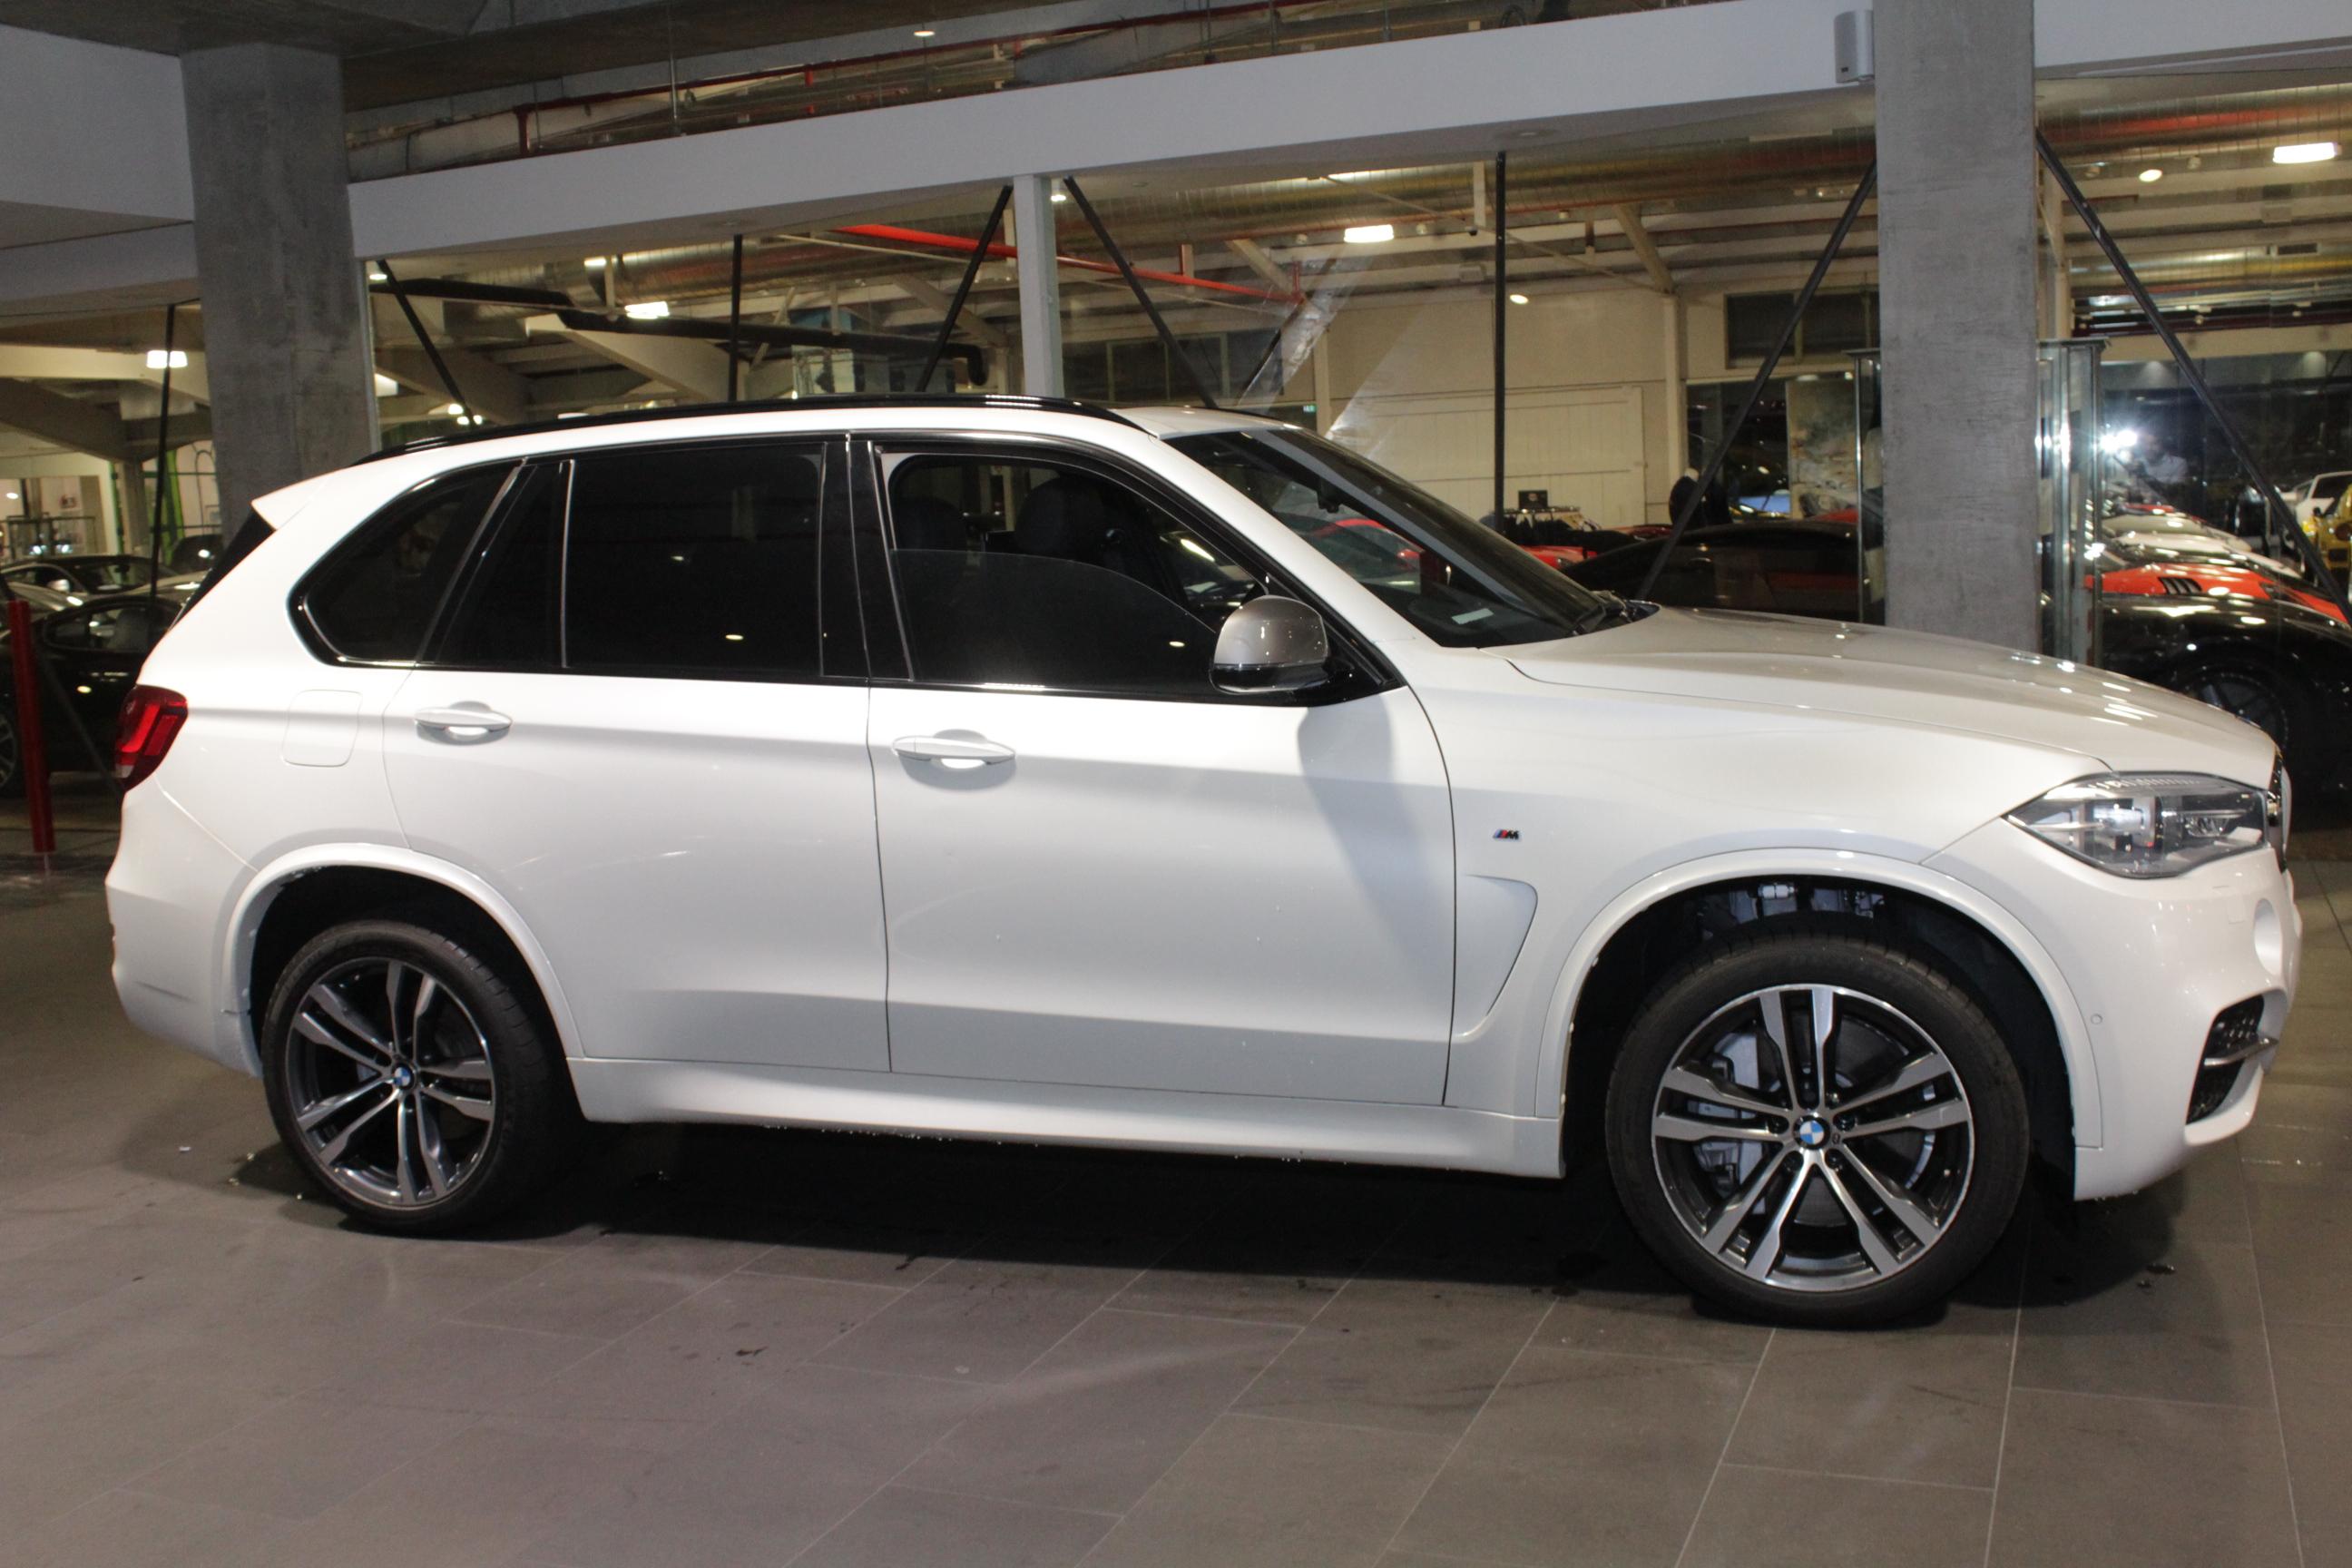 2014 Bmw X5 F15 M50d Wagon 5dr Spts Auto 8sp 4x4 3 0dttt